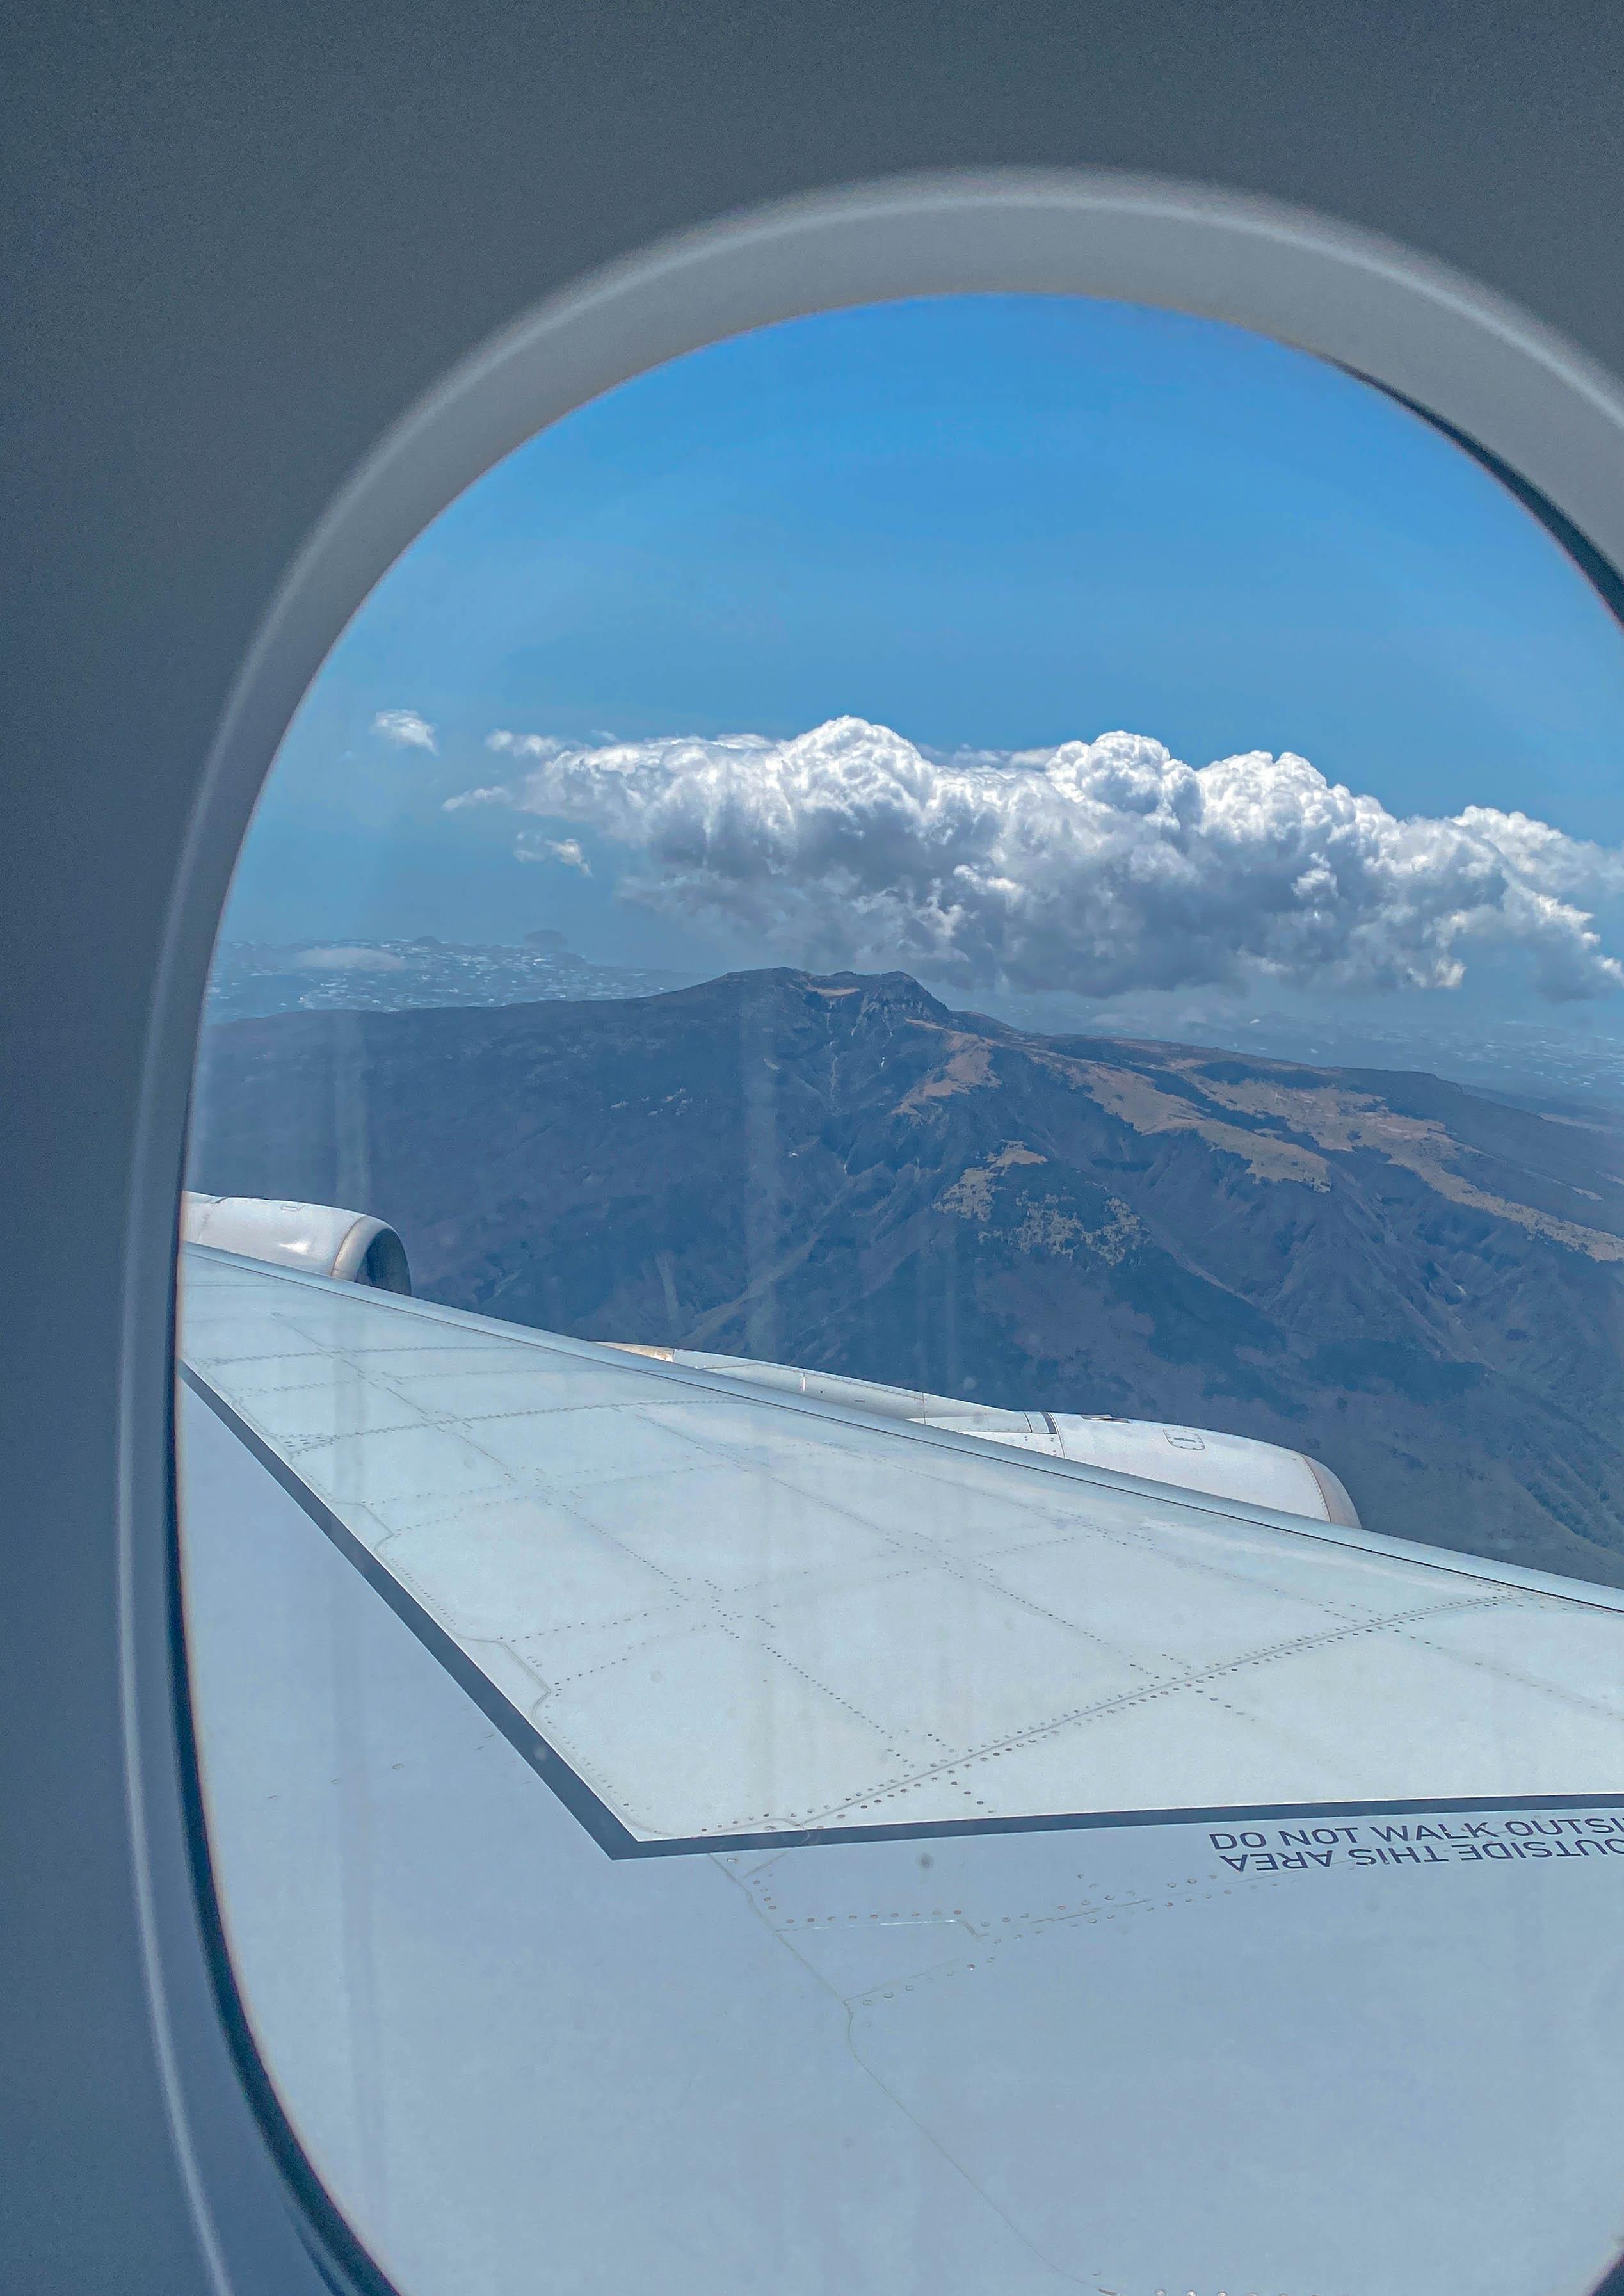 창 밖으로 보이는 한라산의 모습